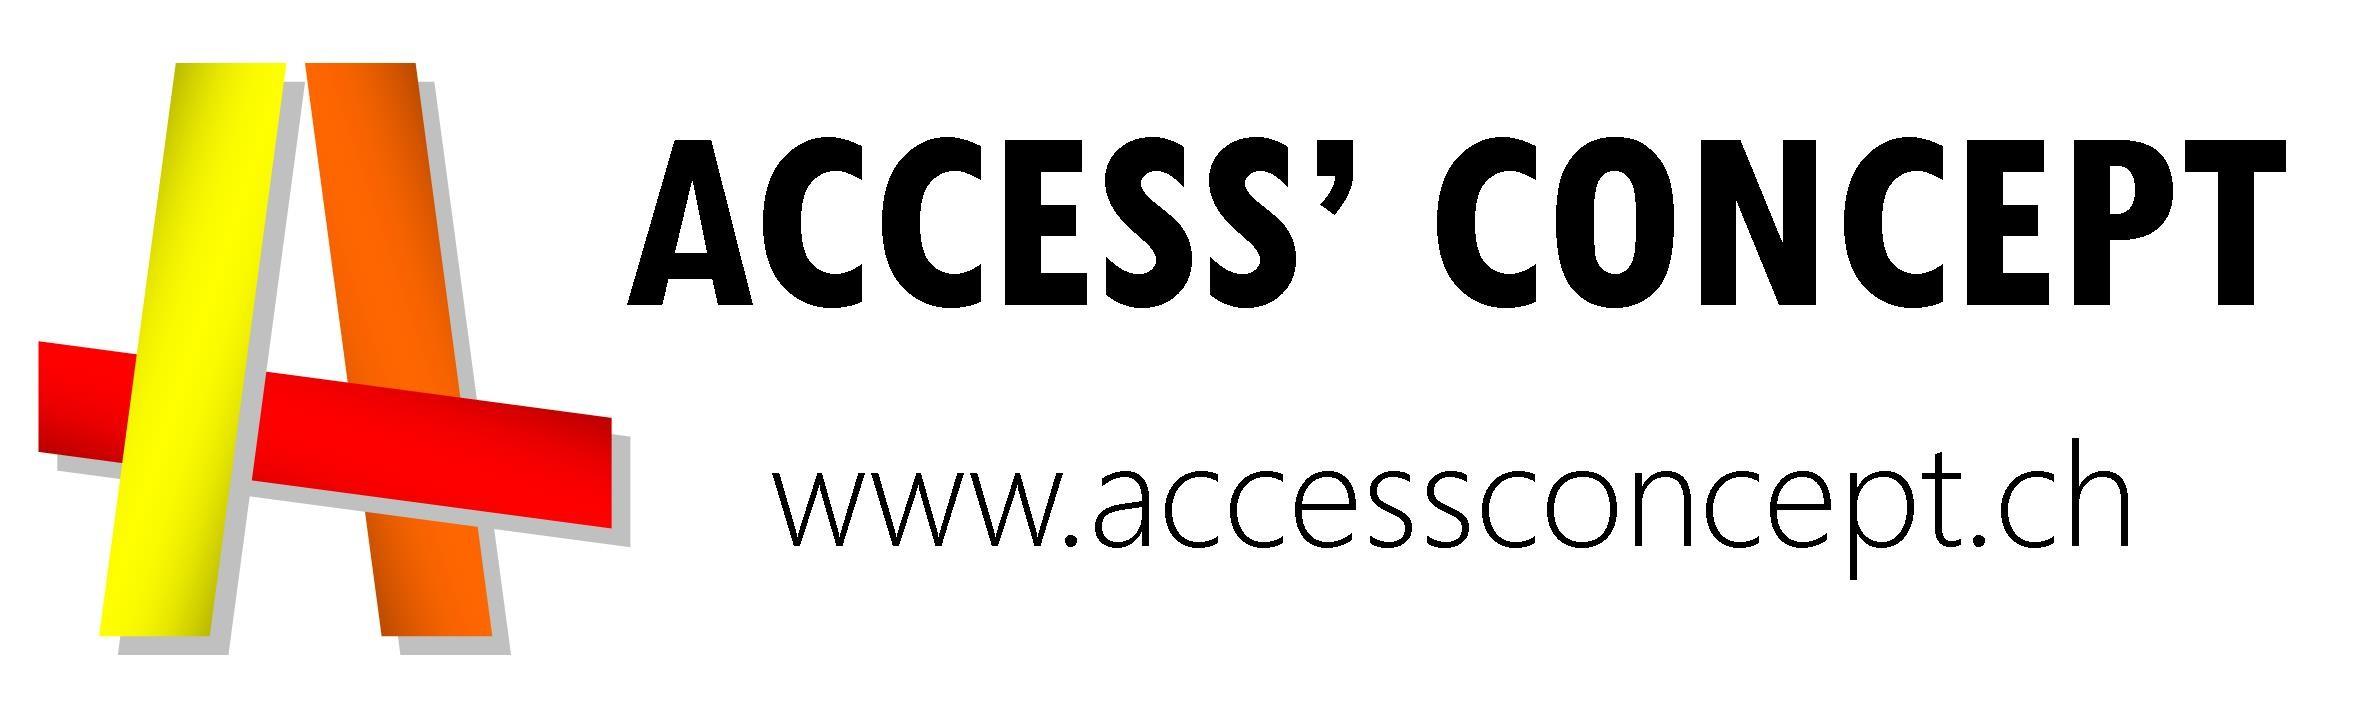 Access' Concept